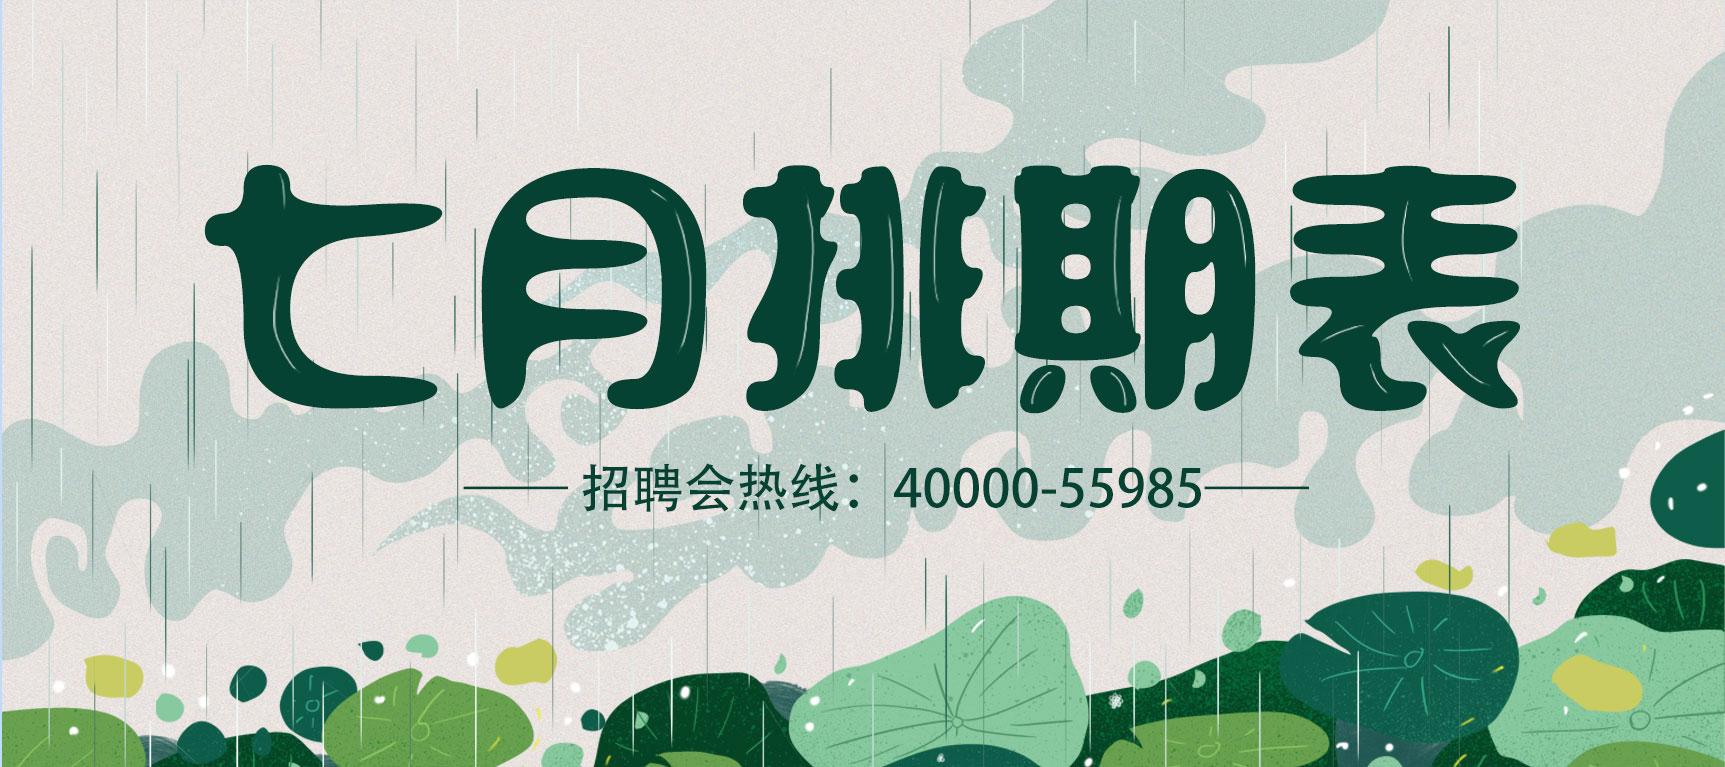 中国上海人才市场七月招聘会排期预告